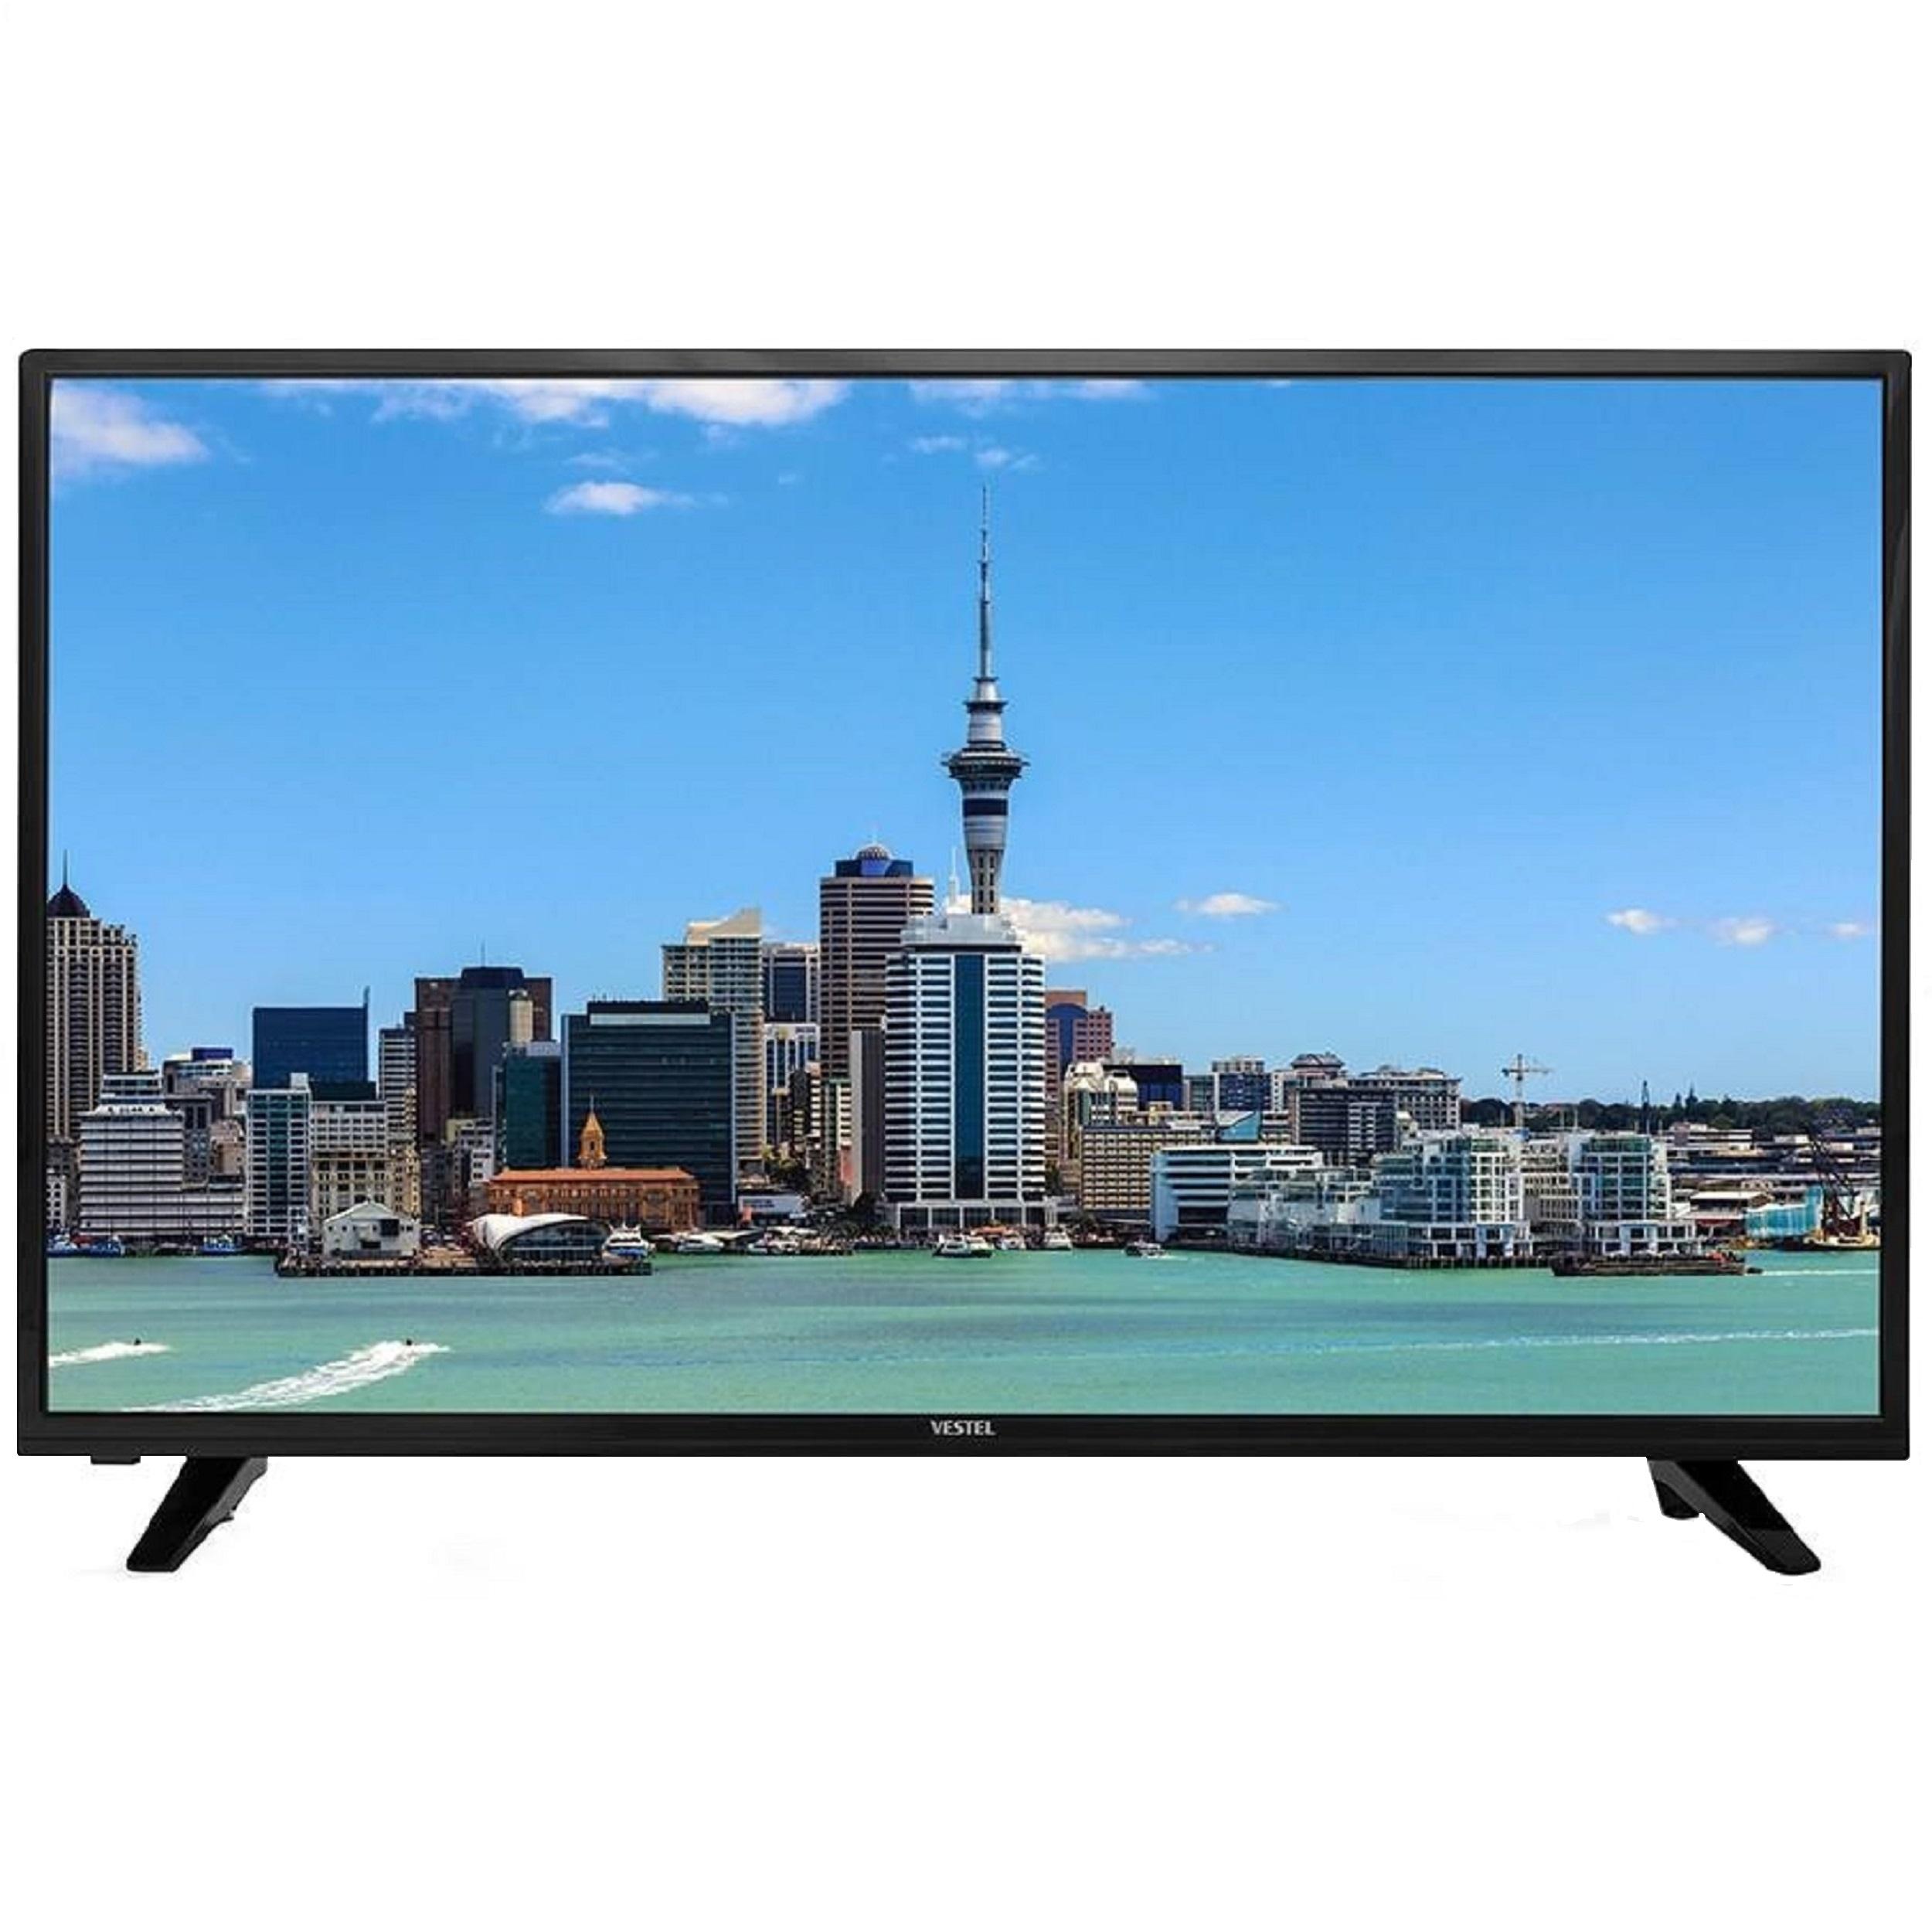 خرید اینترنتی تلویزیون ال ای دی وستل مدل 43FA3100T سایز 43 اینچ اورجینال